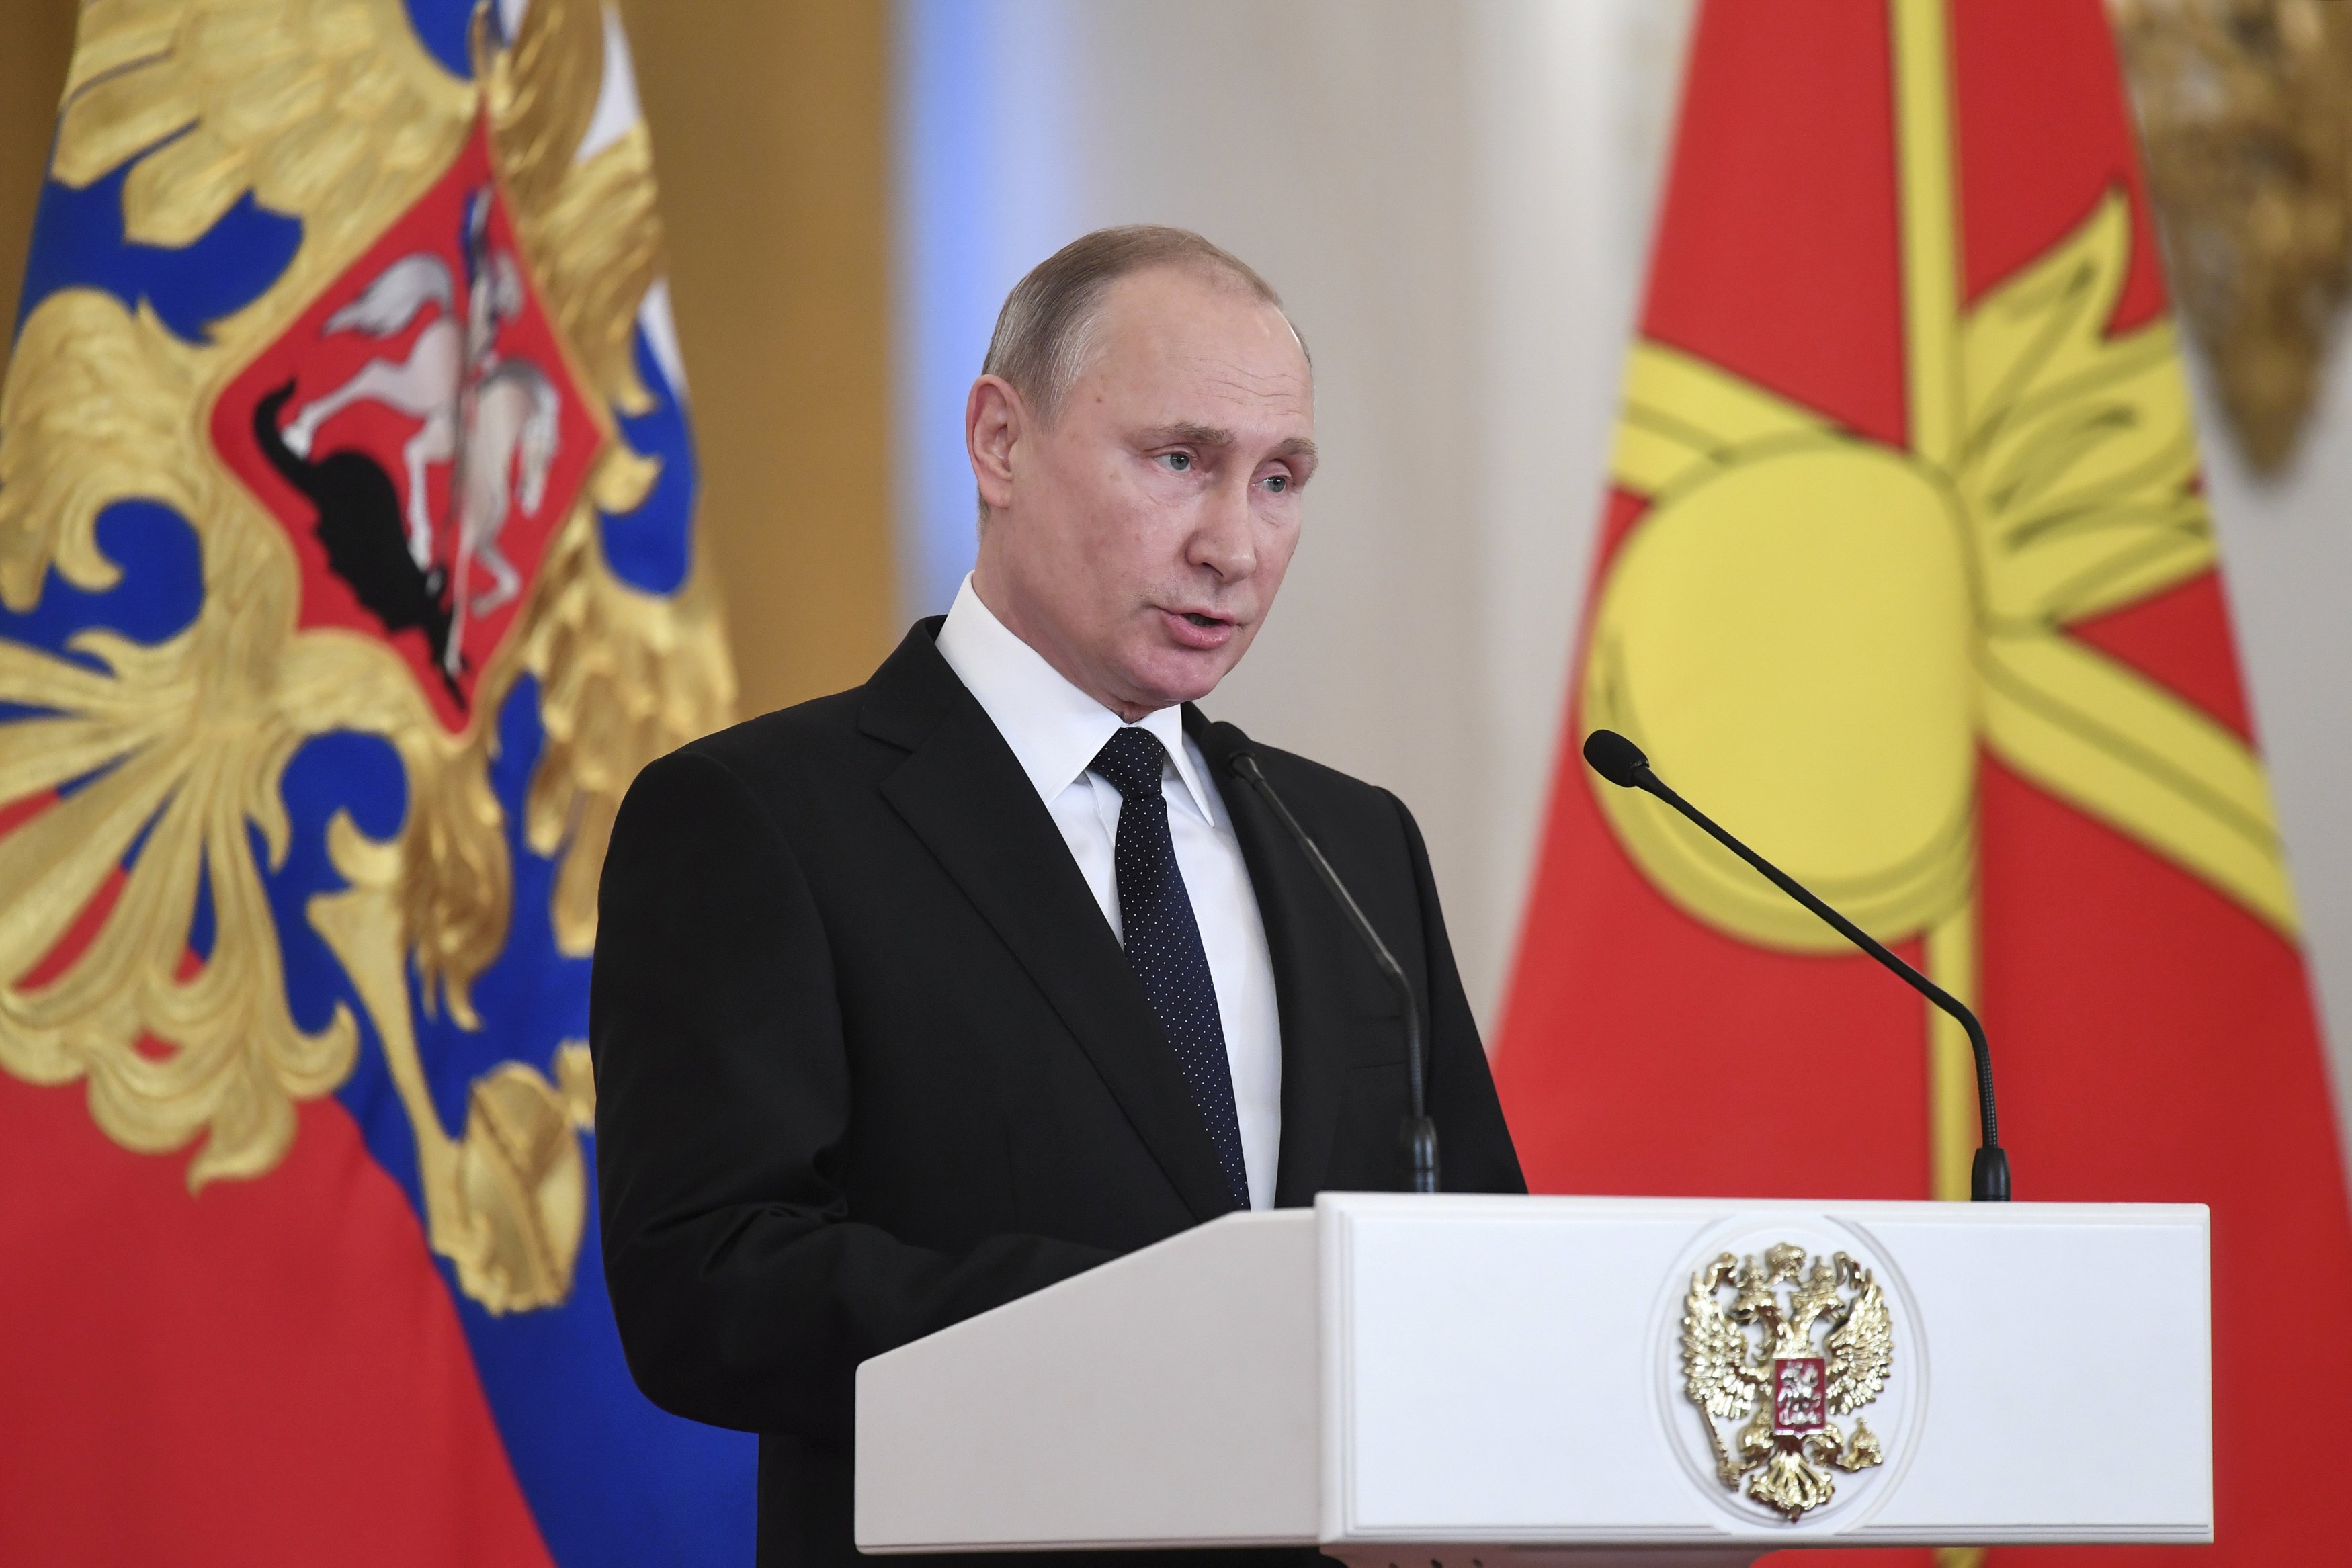 Эксперт: Путин заинтересован в том, чтобы санкции против РФ были жестче